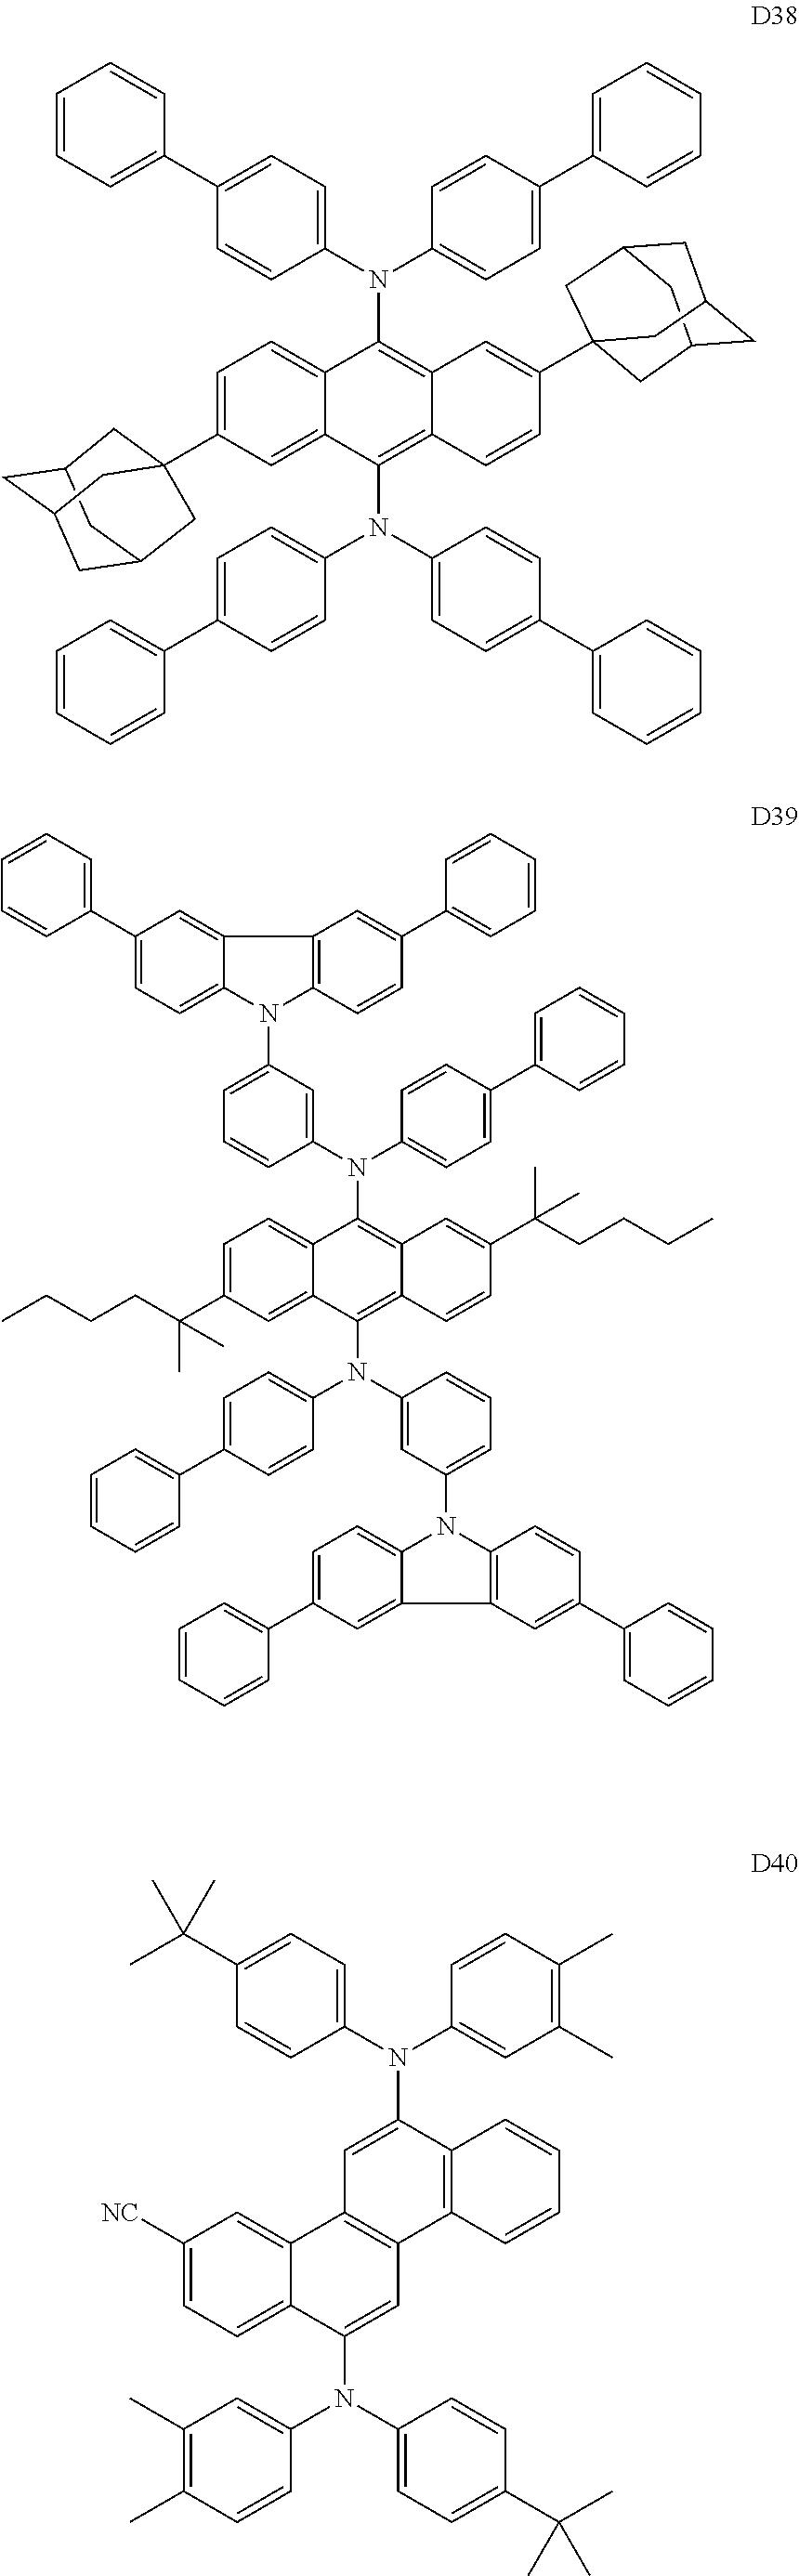 Figure US09496506-20161115-C00021